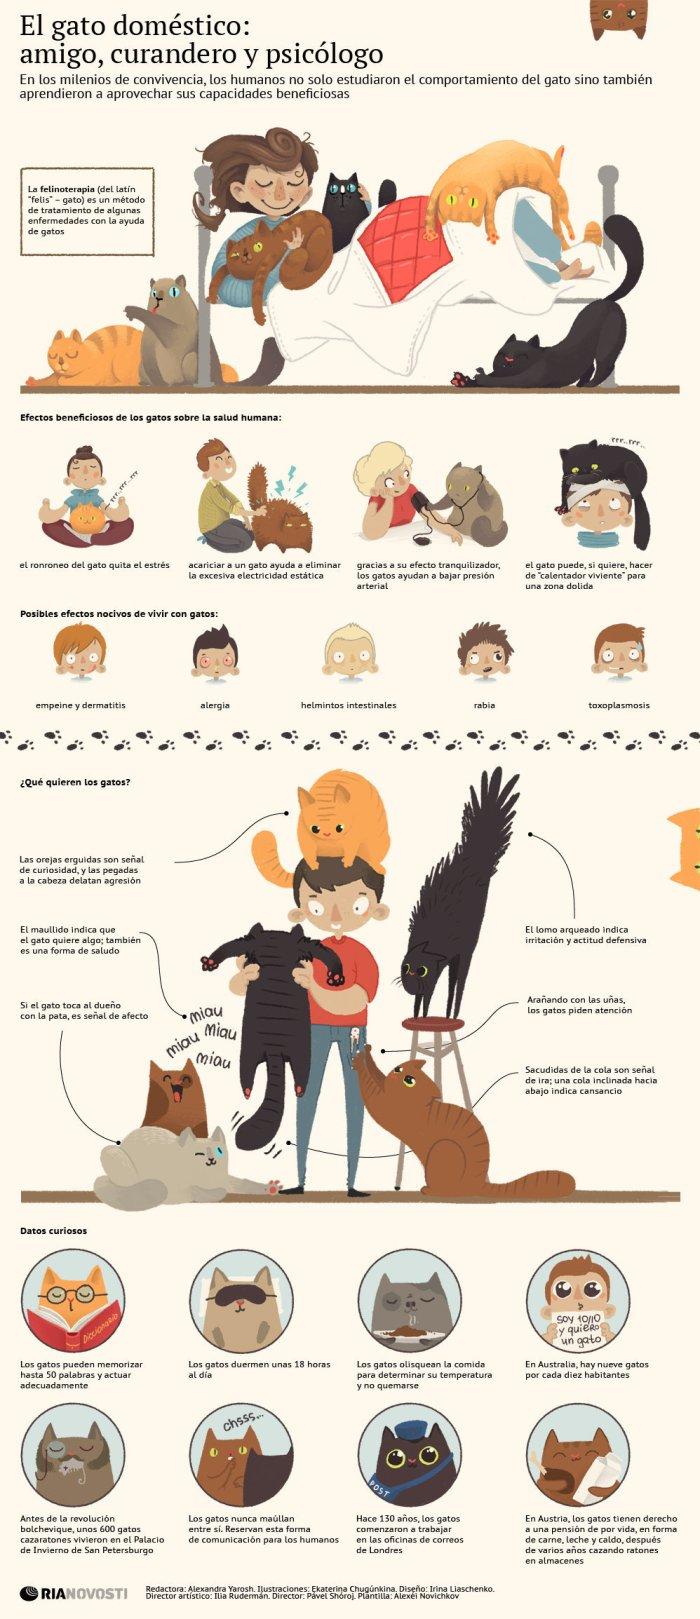 Tu gato: amigo, curandero y psicólogo